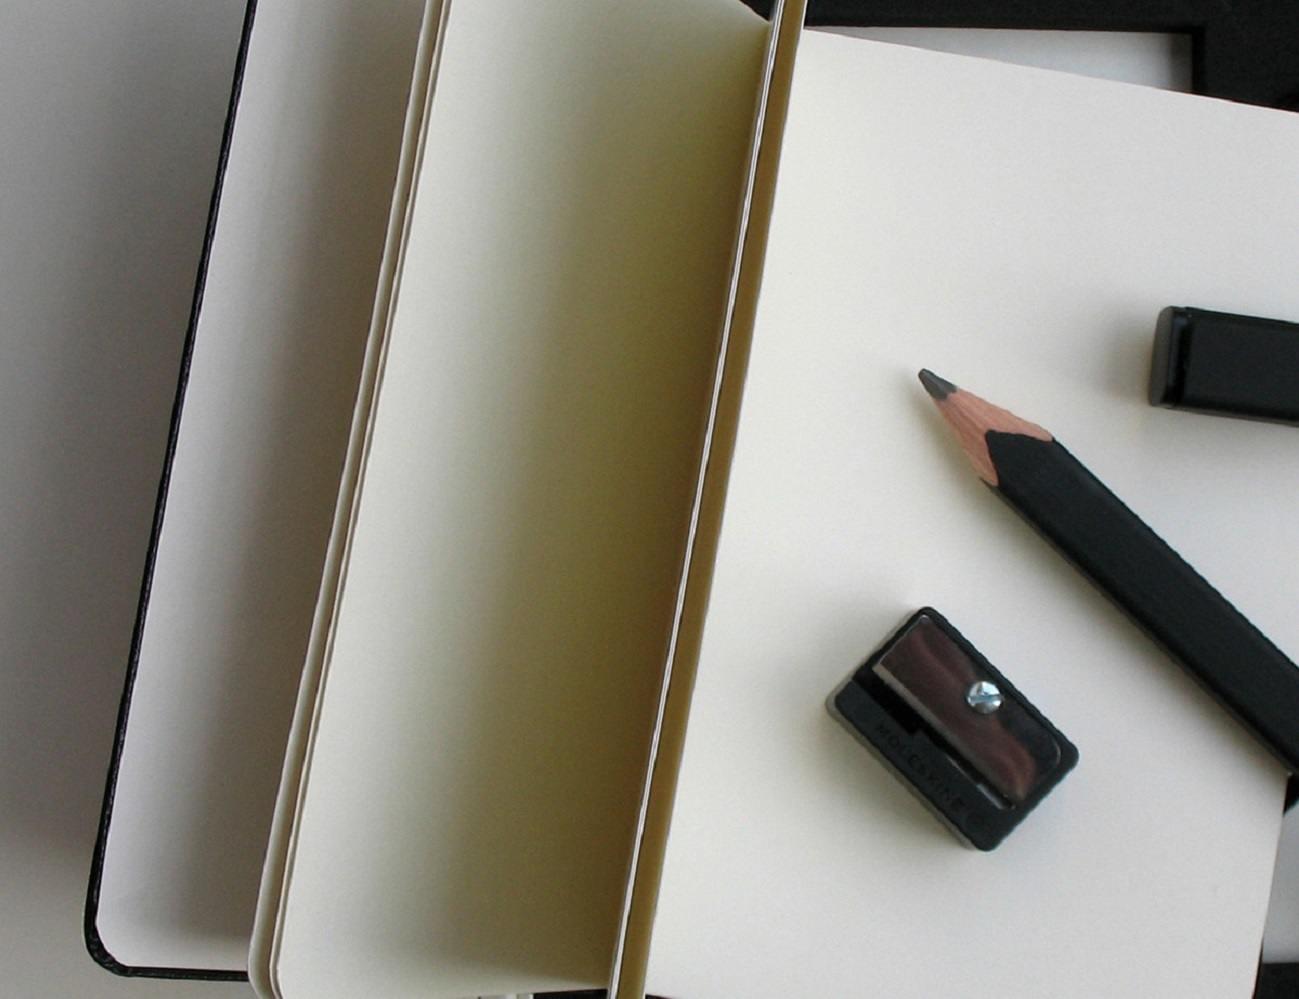 Moleskine Set of 2 Black Pencils and Sharpener